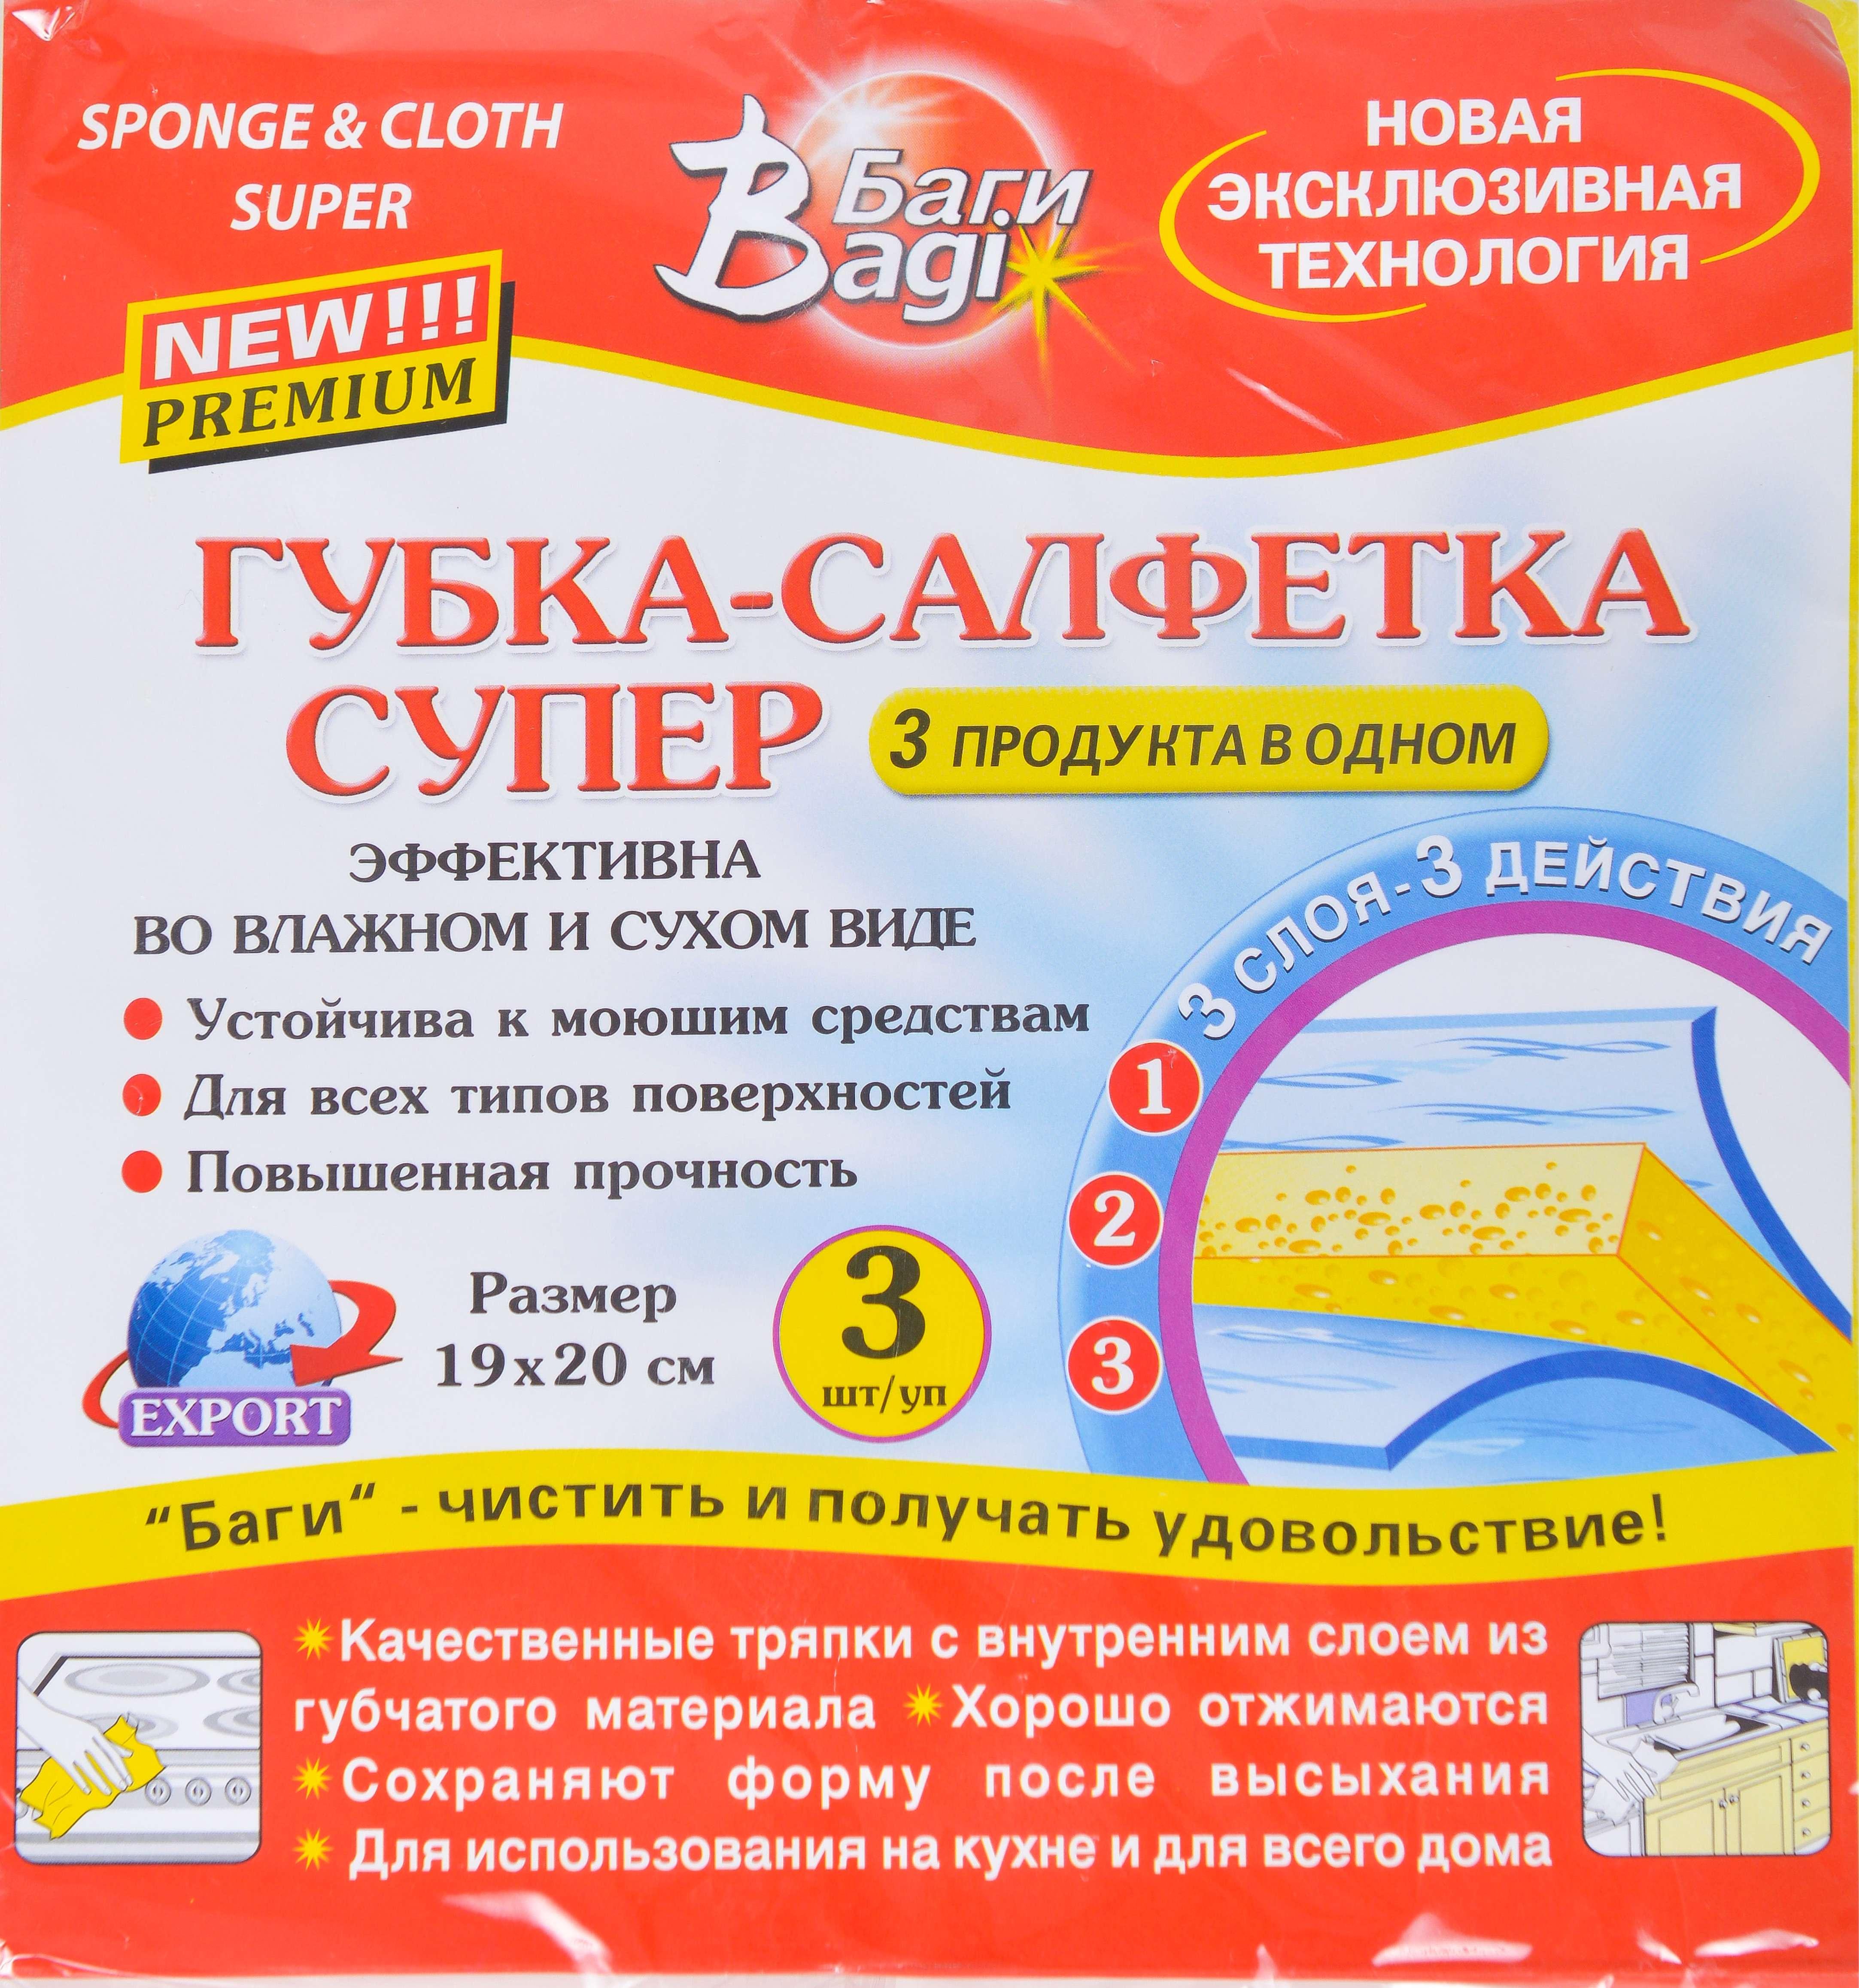 გუბკა-სალფეტკა სუპერ  (3ც)